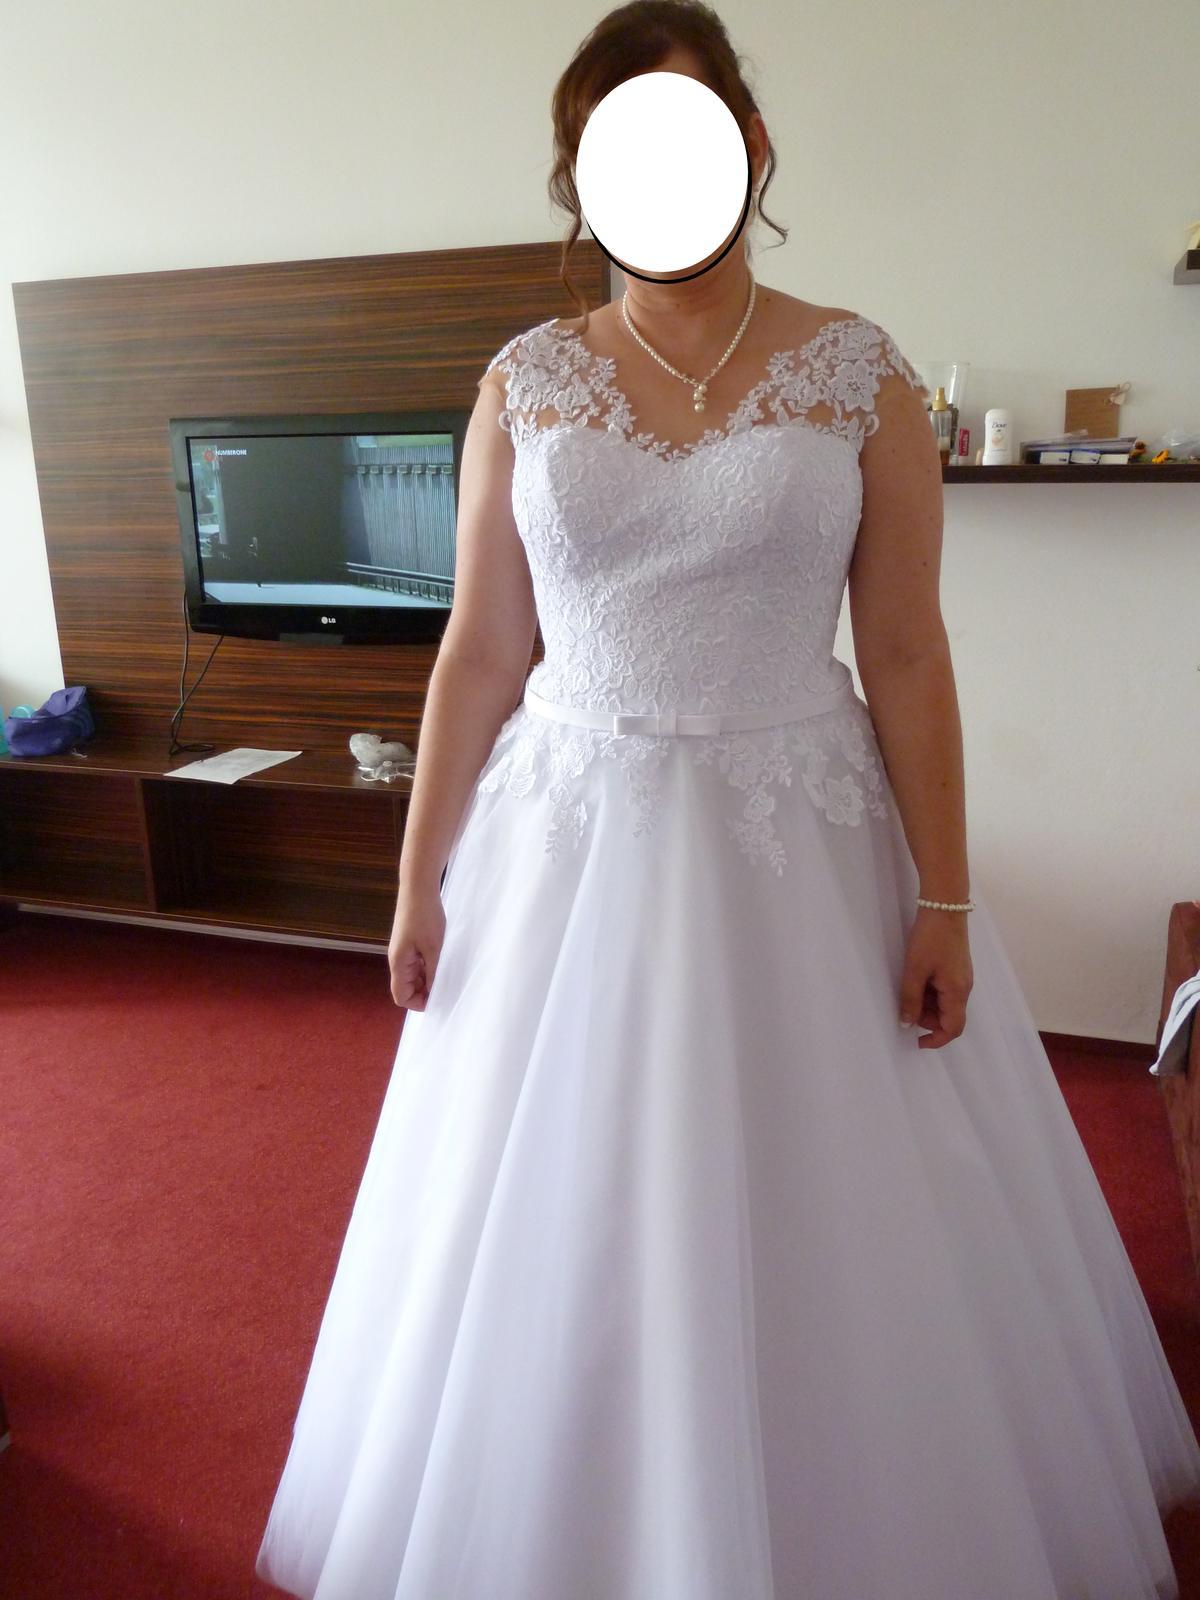 Bílé svatební šaty s krajkou  - Obrázok č. 1